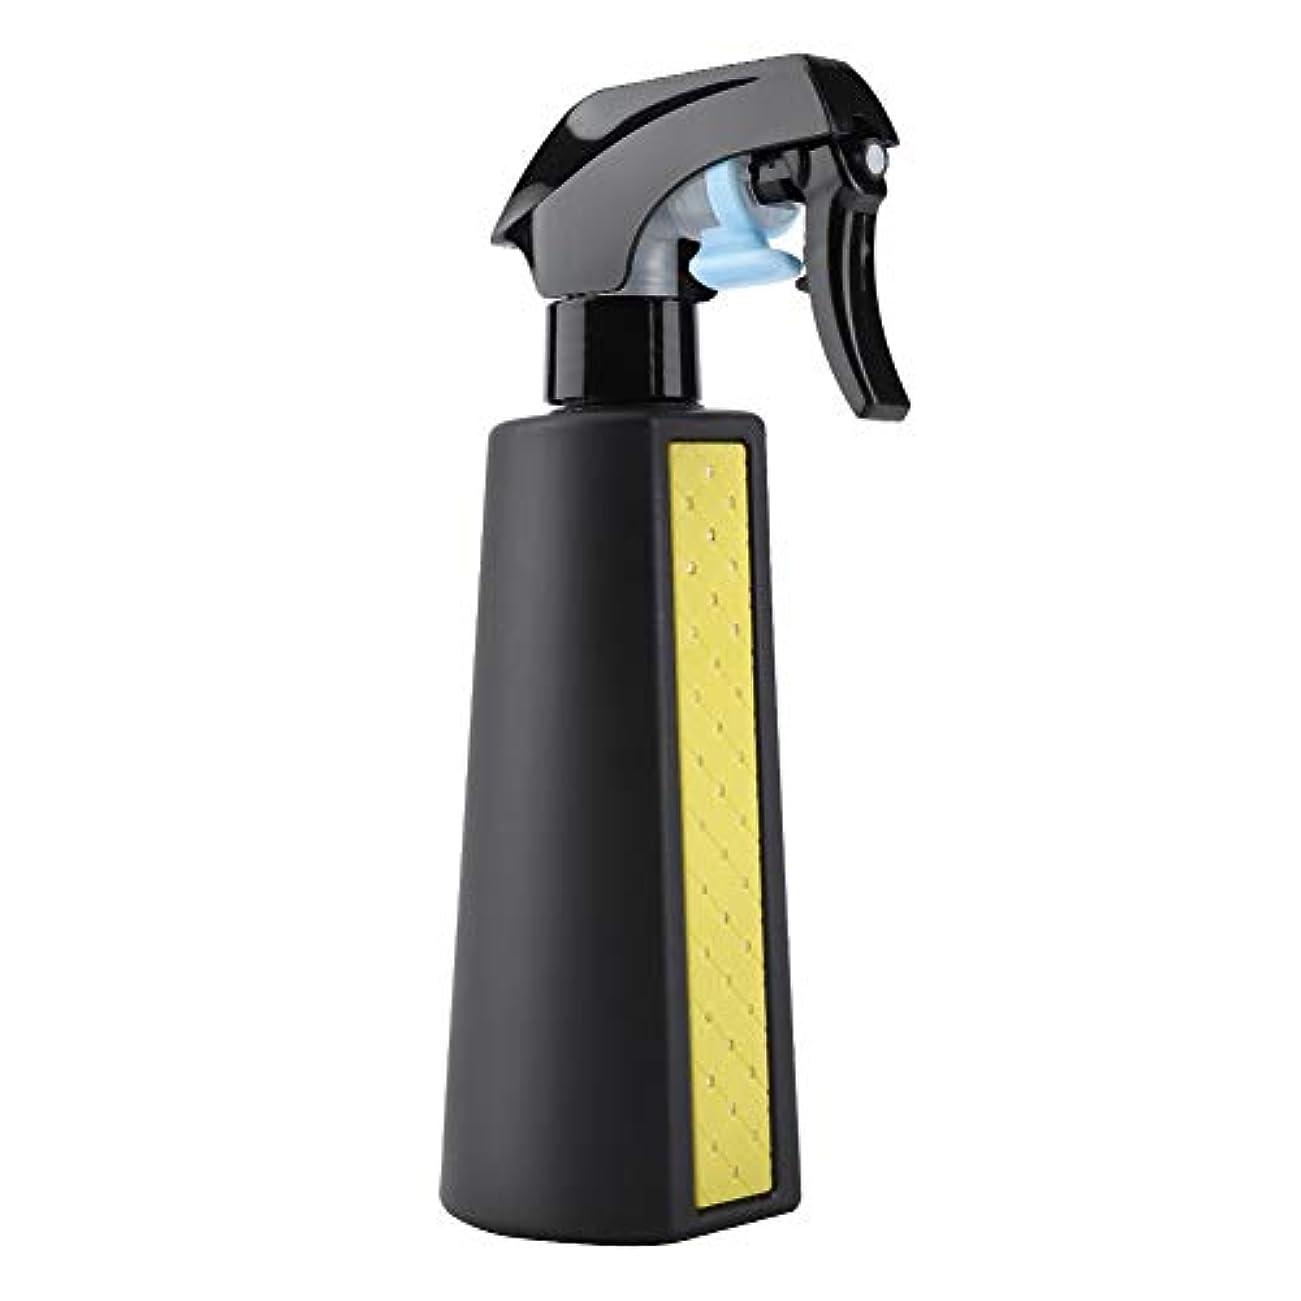 繁雑画面保持ミスタースプレーボトル、300ML詰め替え可能な多目的マットヘアスプレーヤーボトル理髪理容ツール散水缶詰め替え容器(黄)